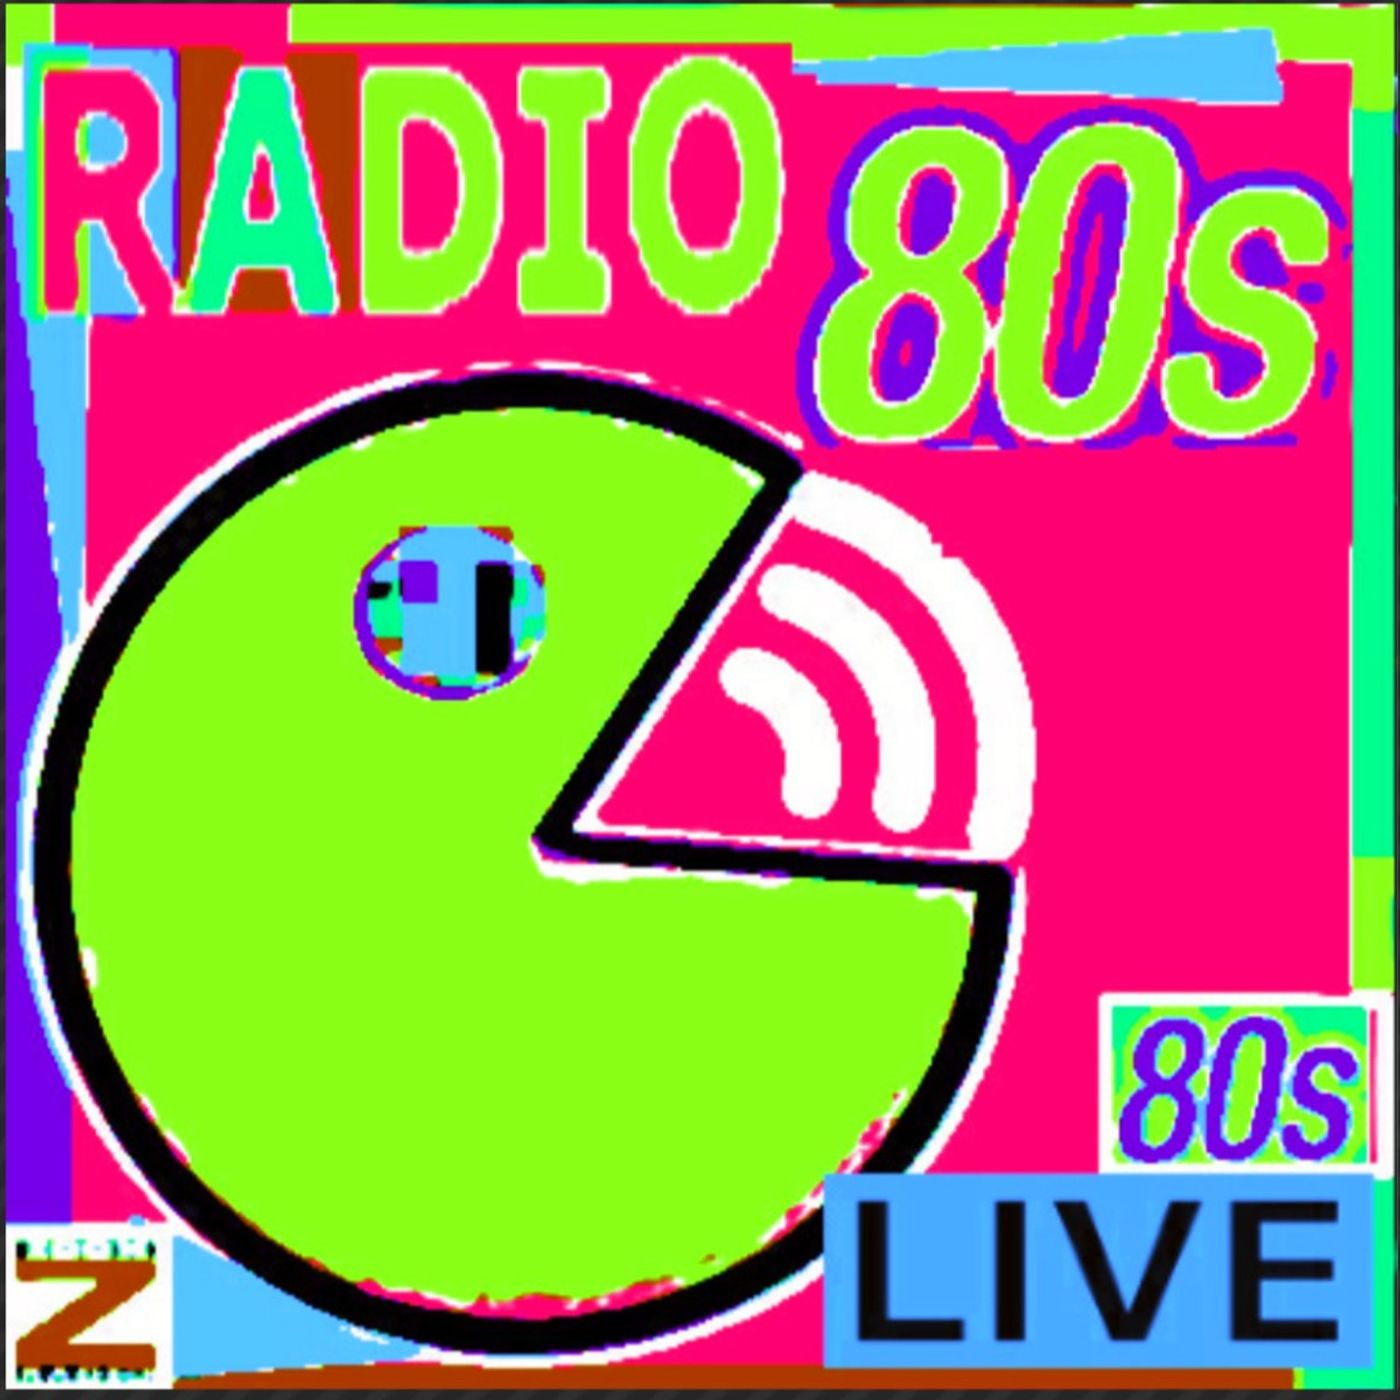 LIVE 80s Radio Flashbacks